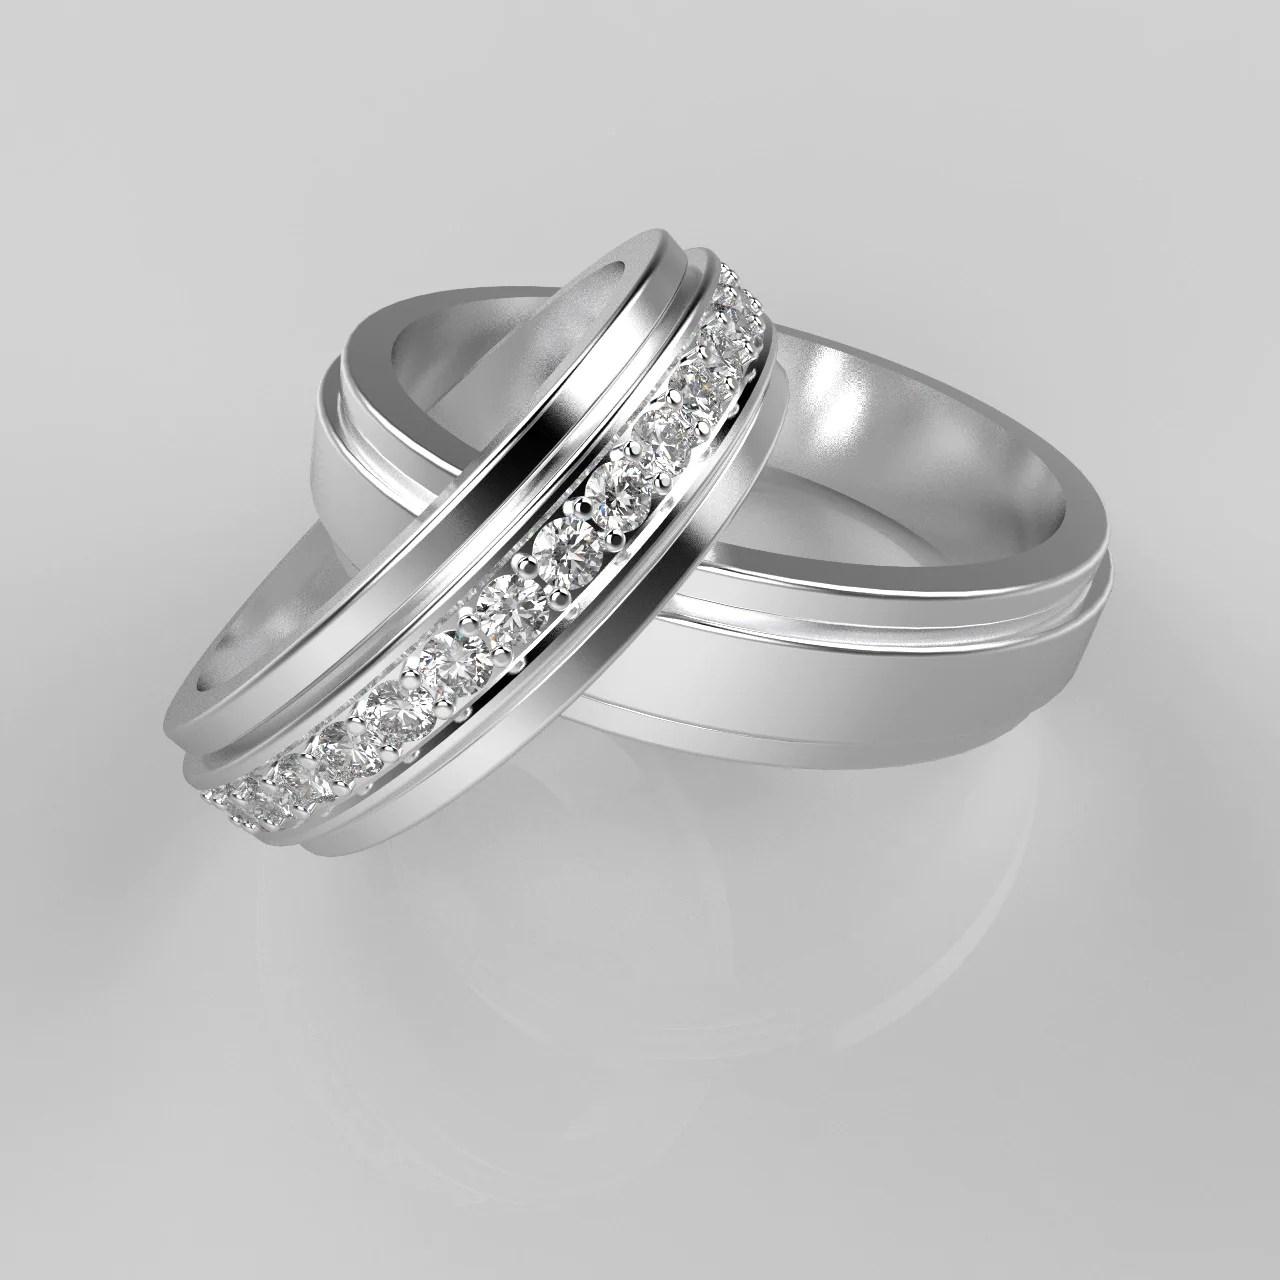 Fullsize Of Wedding Ring Vs Engagement Ring